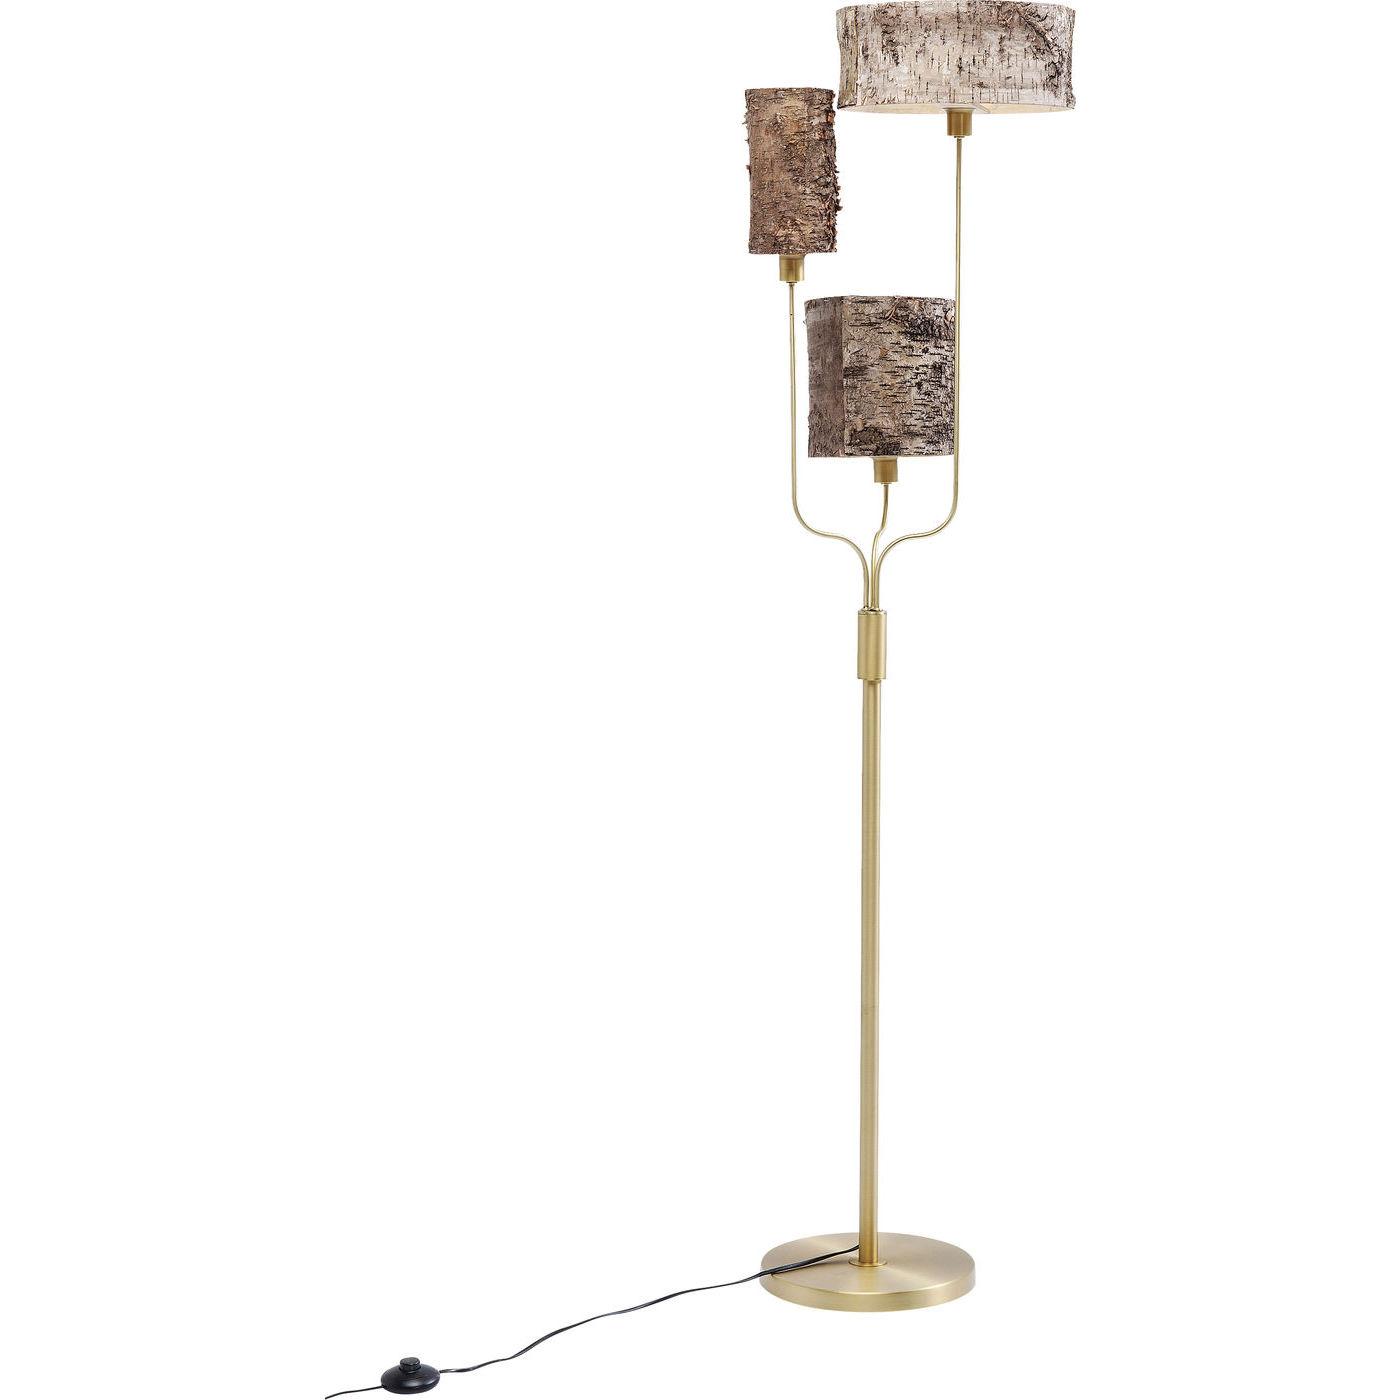 kare design – Kare design corteccia gulvlampe - natur birketræsfin?r/guld stål fra boboonline.dk